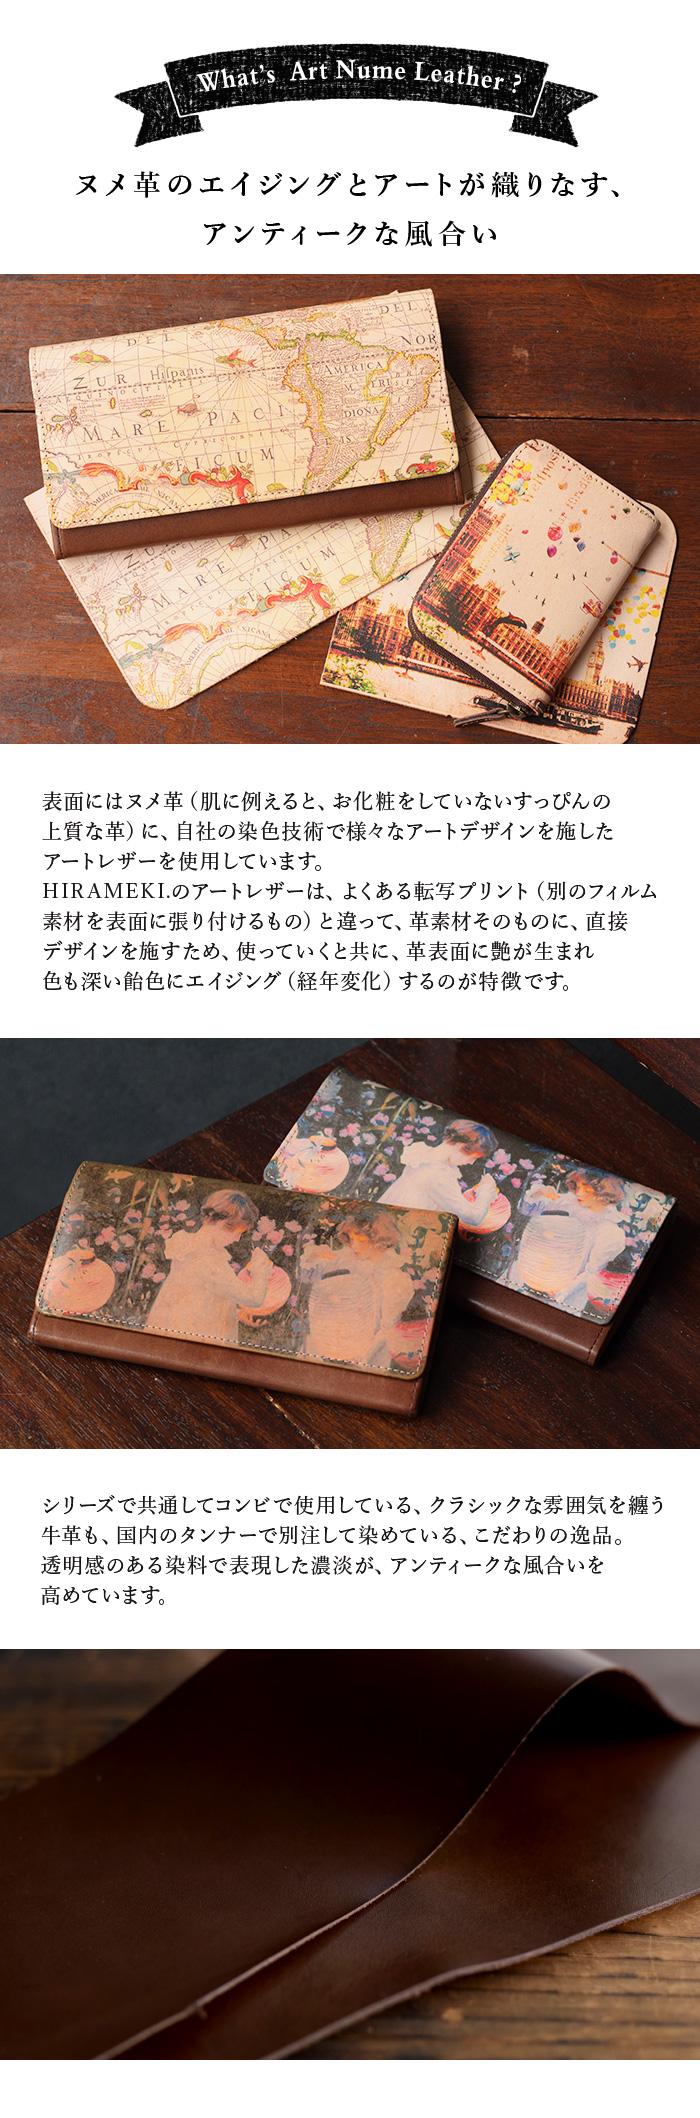 アートヌメレザーとは、ヌメ革に自社の染色技術で様々なアートデザインを施したシリーズ。HIRAMEKI.のアートレザーは、よくある転写プリントと違って、革素材そのものに直接デザインを施すため、使っていくと共に革表面に艶が生まれ、色も深い飴色にエイジング(経年変化)するのが特徴です。